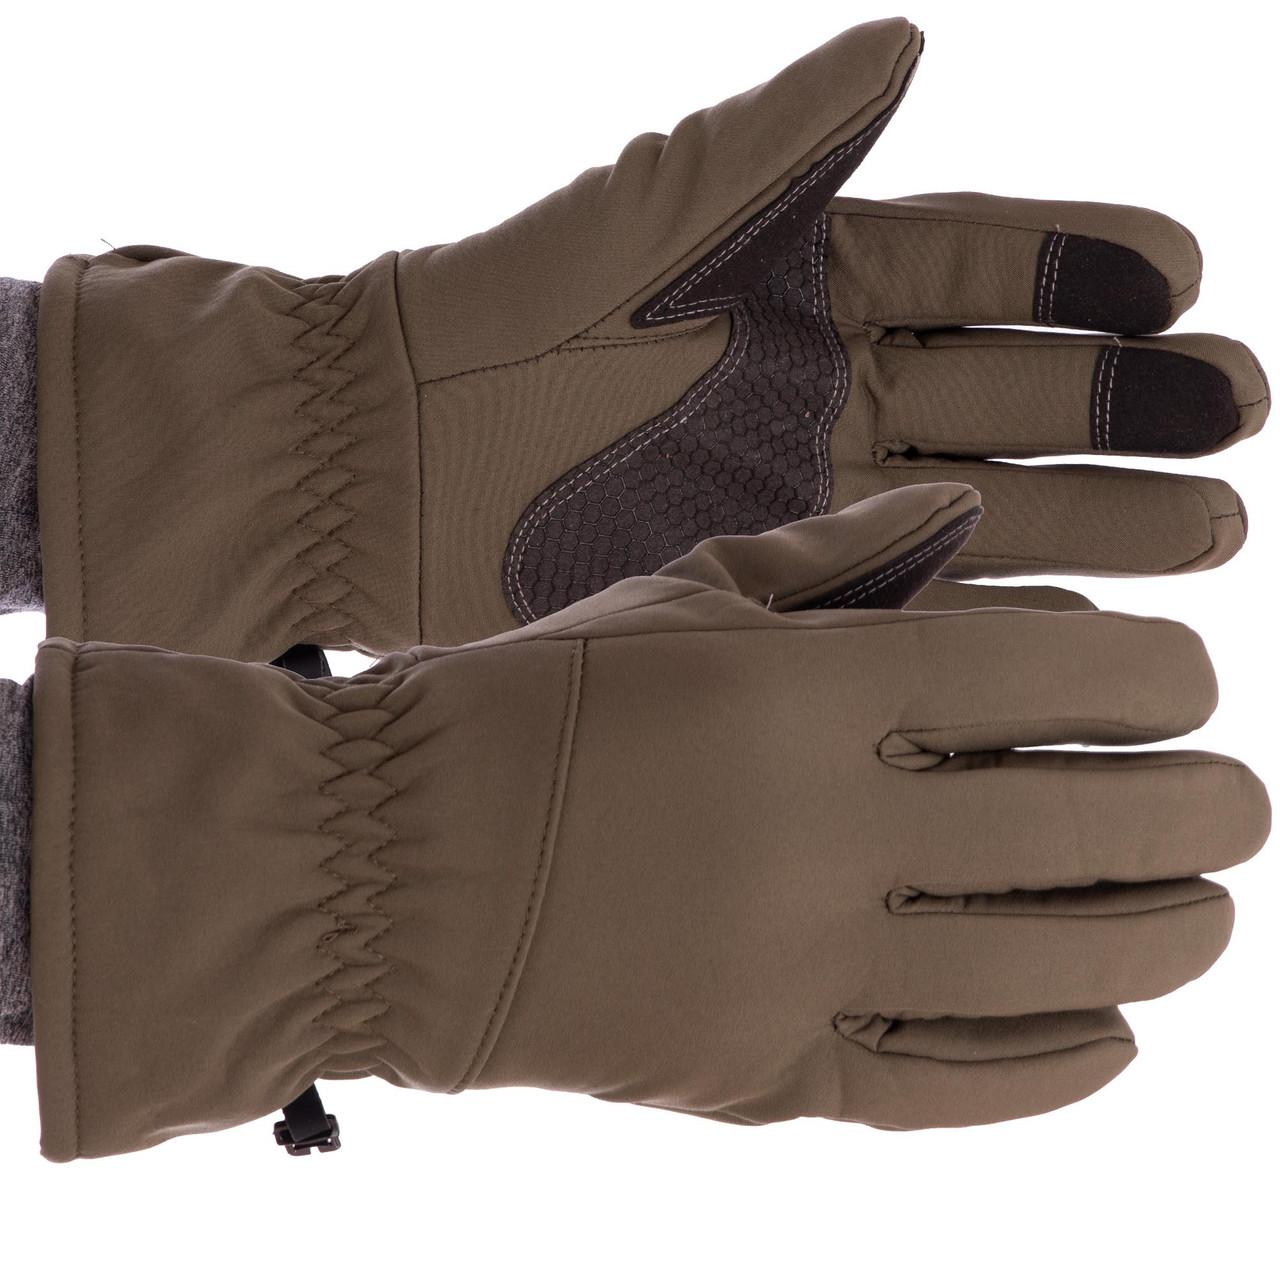 Перчатки туристические для охоты и рыбалки теплые флисовые TY-0355, L Оливковый